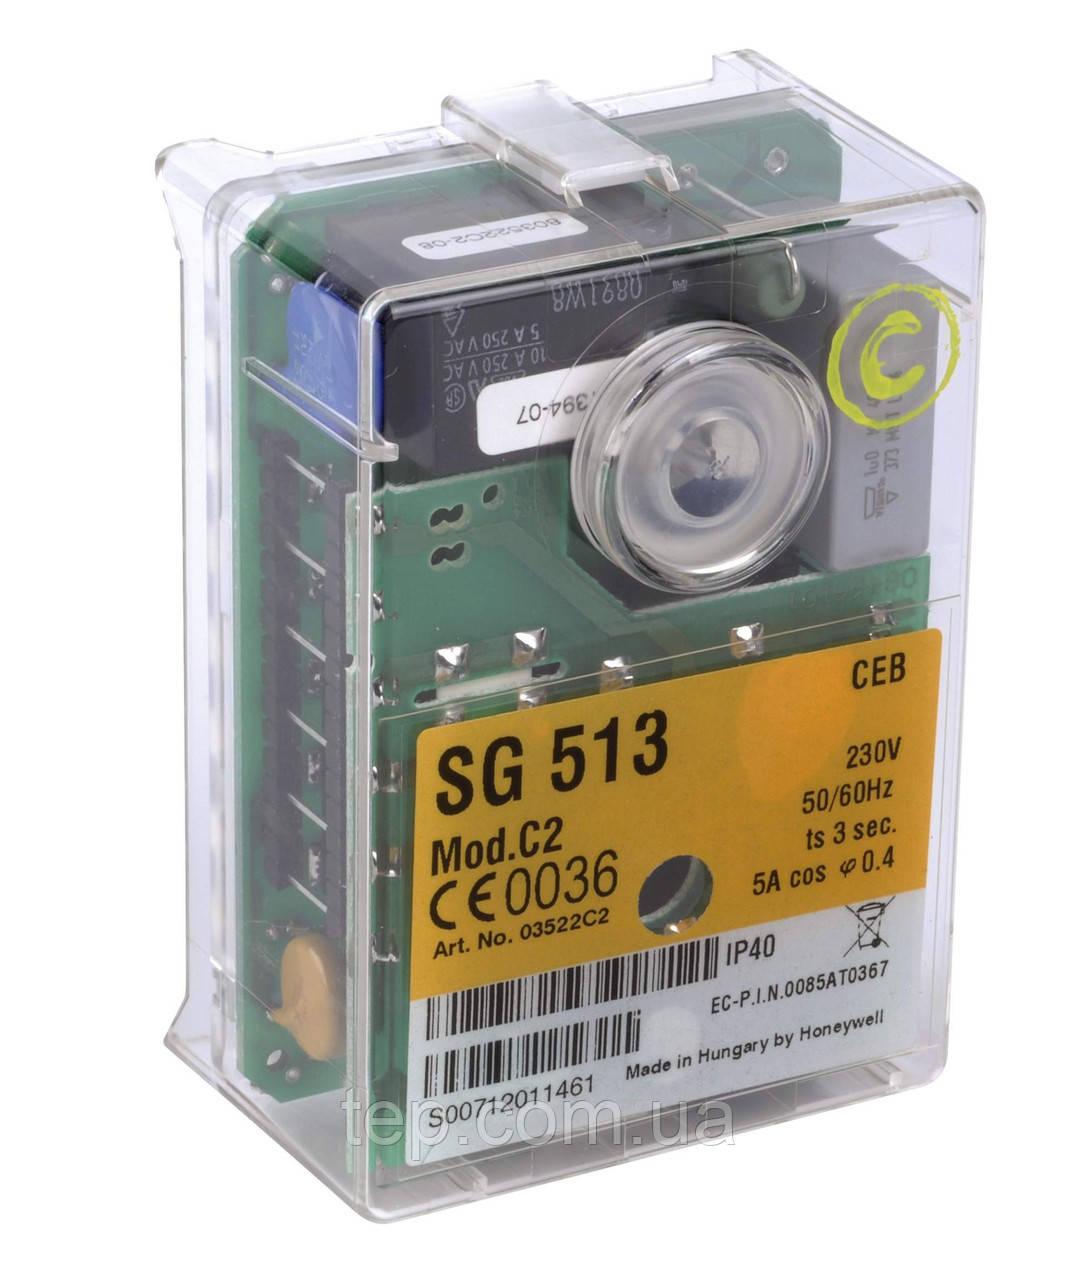 Elco SG 513 mod. C2